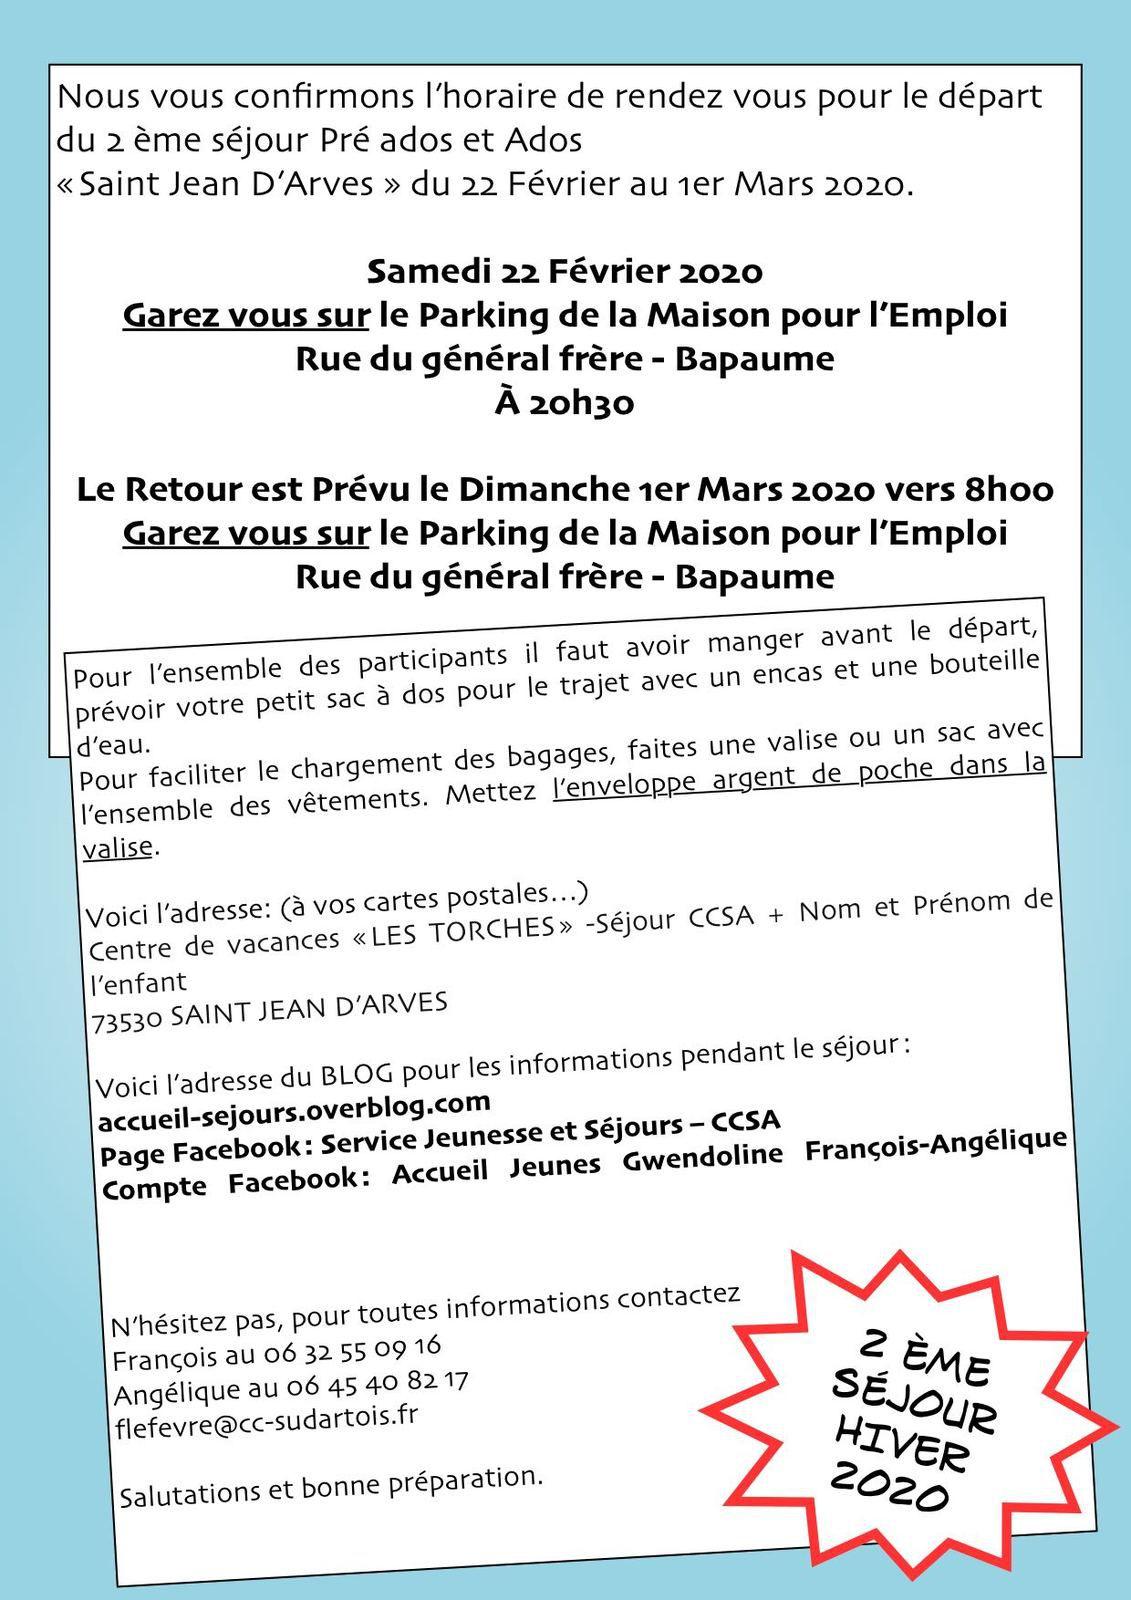 Deuxième Séjour Hiver Préados et Ados - Rappel des infos de départ...